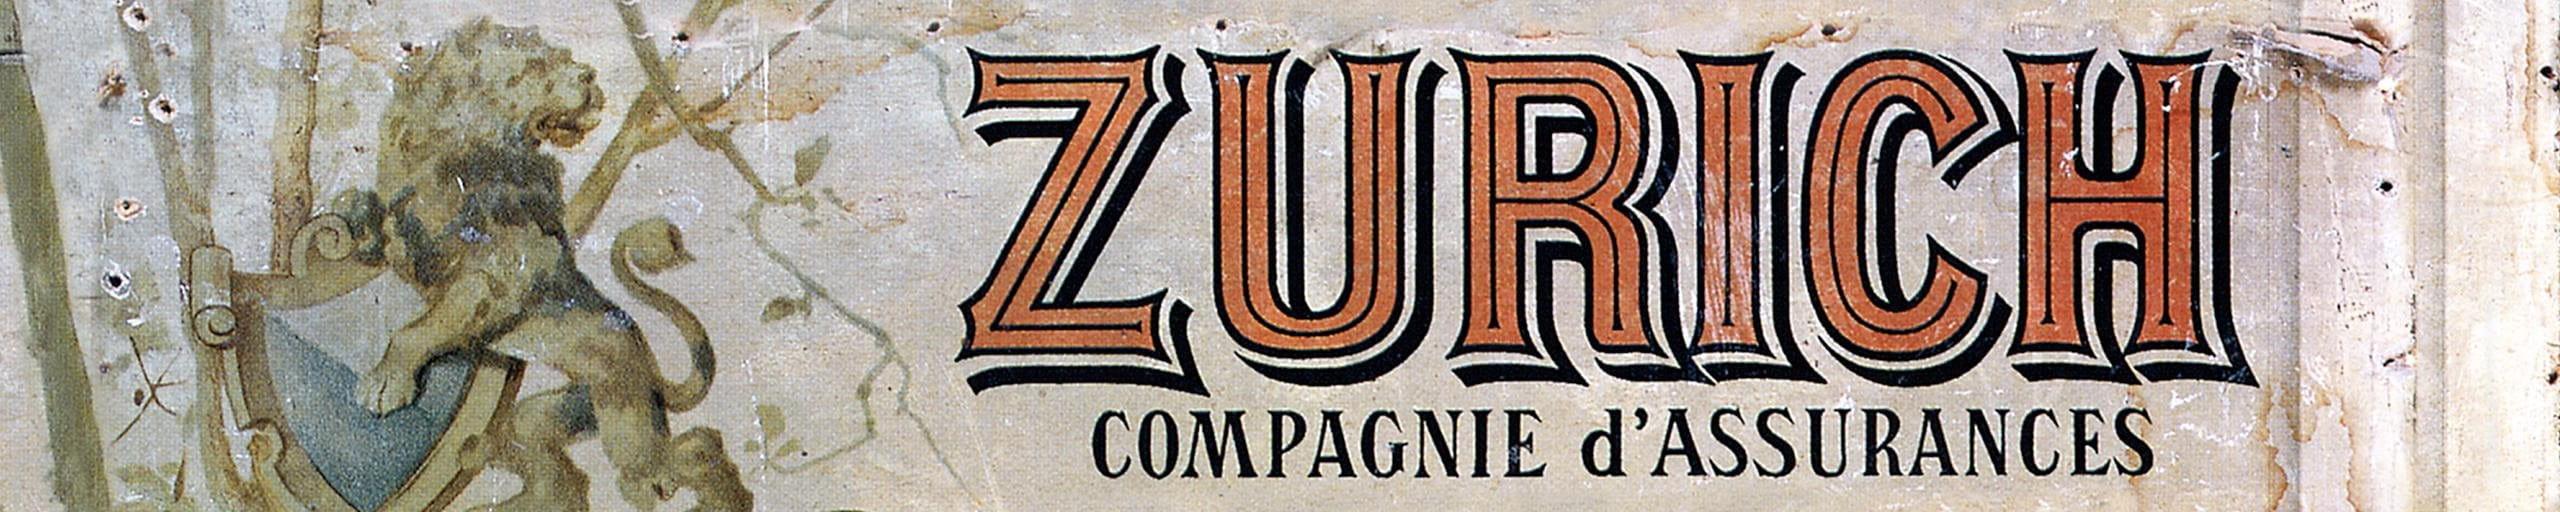 Pubblicit zurich svizzera for Zurich mobilia domestica